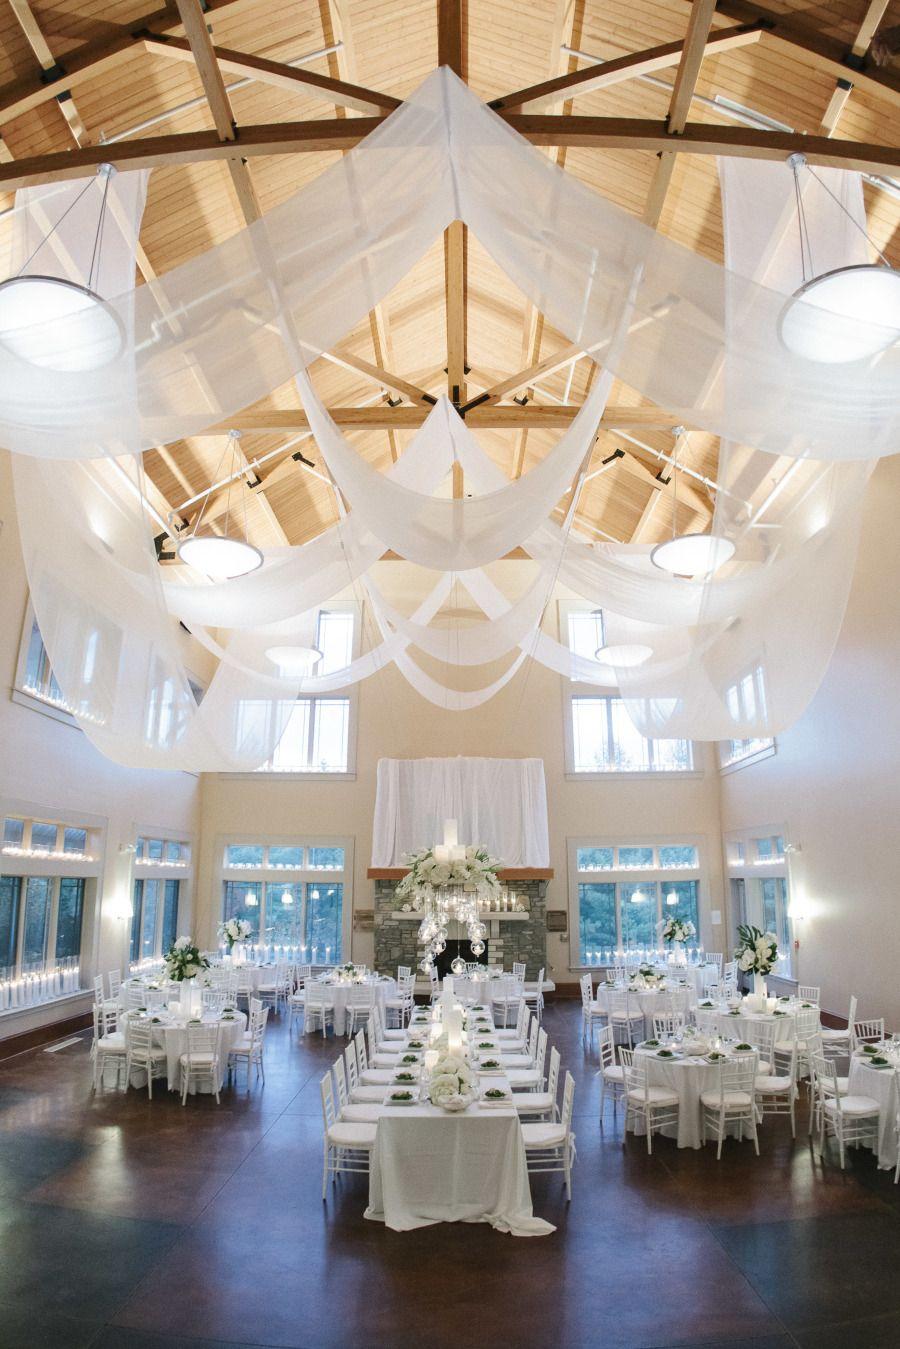 White wedding decoration ideas   White Wedding Decoration Ideas for Romantic Wedding To see more